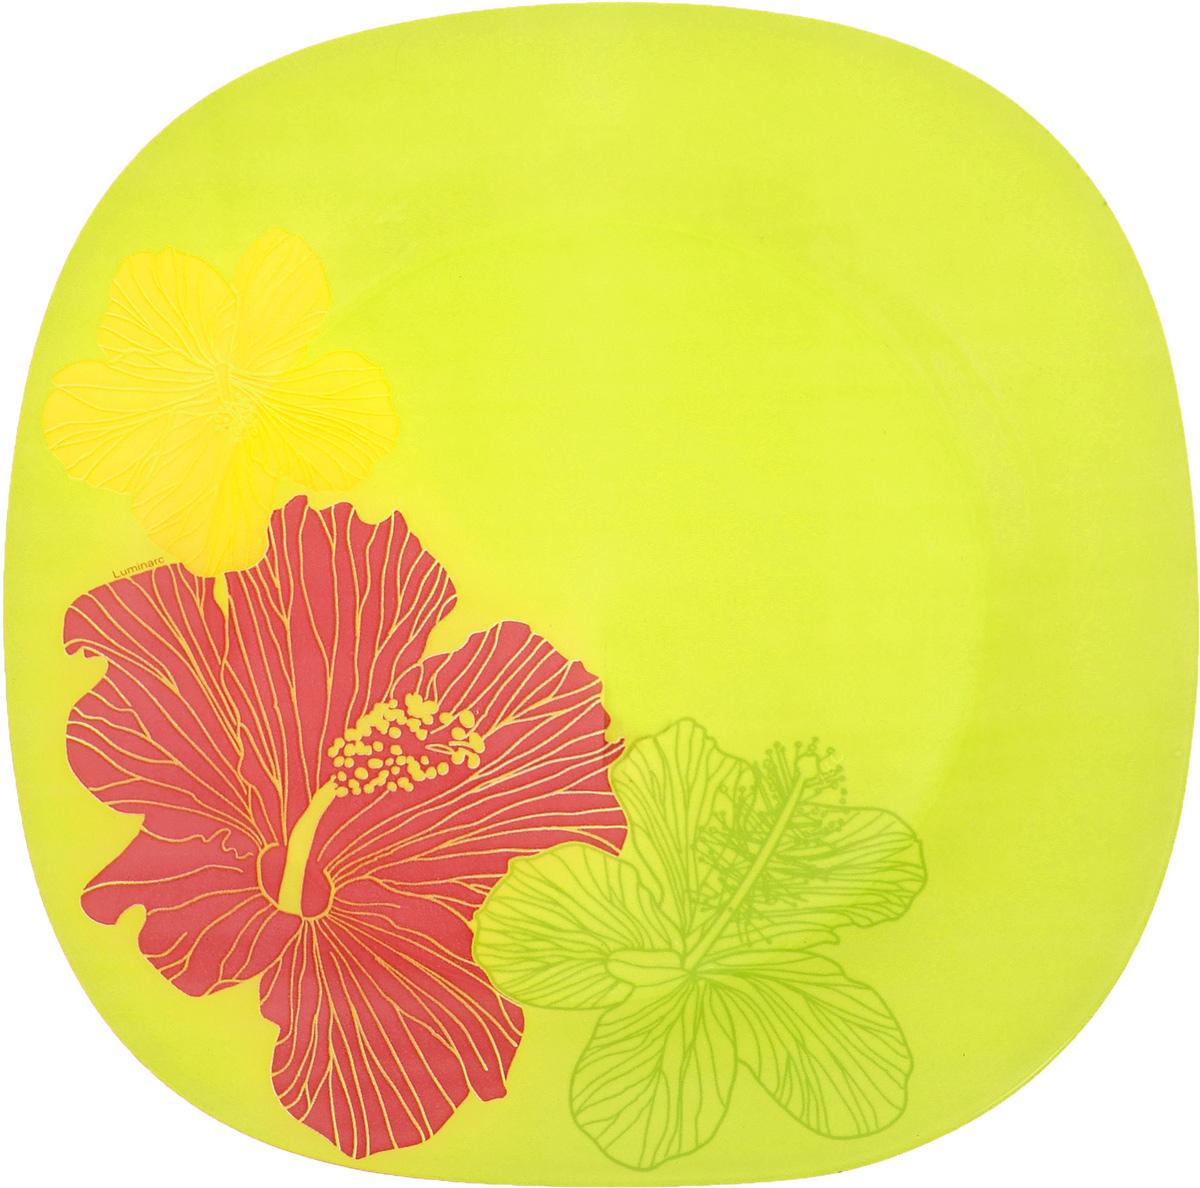 Тарелка Luminarc Hibiscus, 25,5 х 25,5 см54 009312Тарелка Luminarc Hibiscus, изготовленная из ударопрочного стекла, декорирована оригинальным изображением. Такая тарелка прекрасно подходит как для торжественных случаев, так и для повседневного использования. Идеальна для подачи десертов, пирожных, тортов и многого другого. Она прекрасно оформит стол и станет отличным дополнением к вашей коллекции кухонной посуды. Размер тарелки (по верхнему краю): 25,5 х 25,5 см. Высота тарелки: 1,8 см.